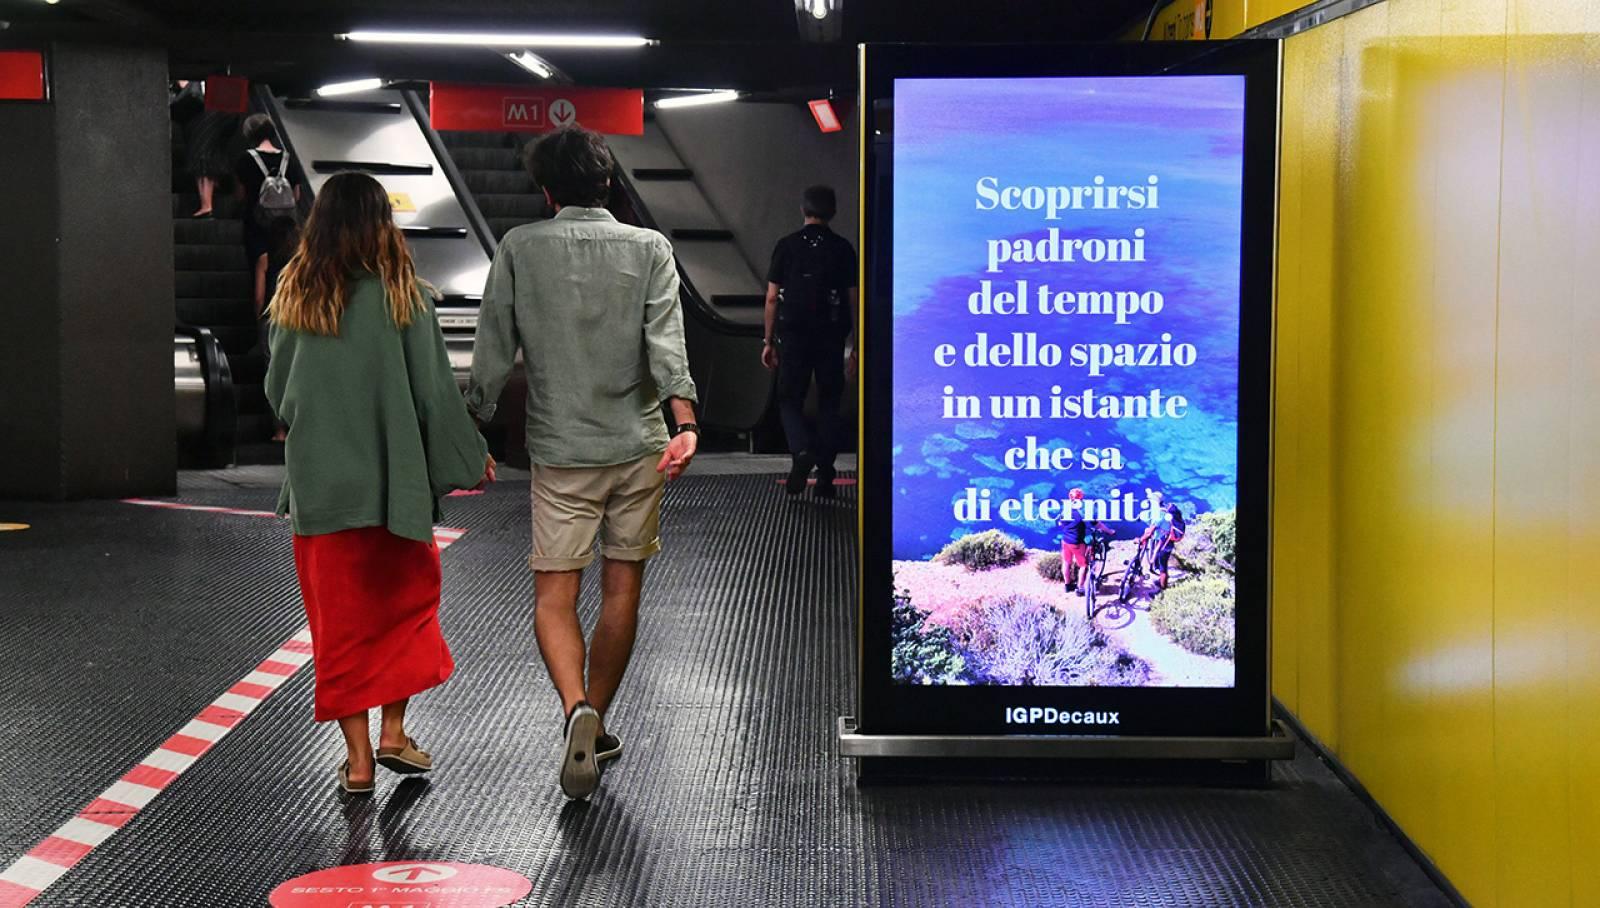 Pubblicità metropolitana Milano IGPDecaux Network Vision per Toscana Promozione Turistica